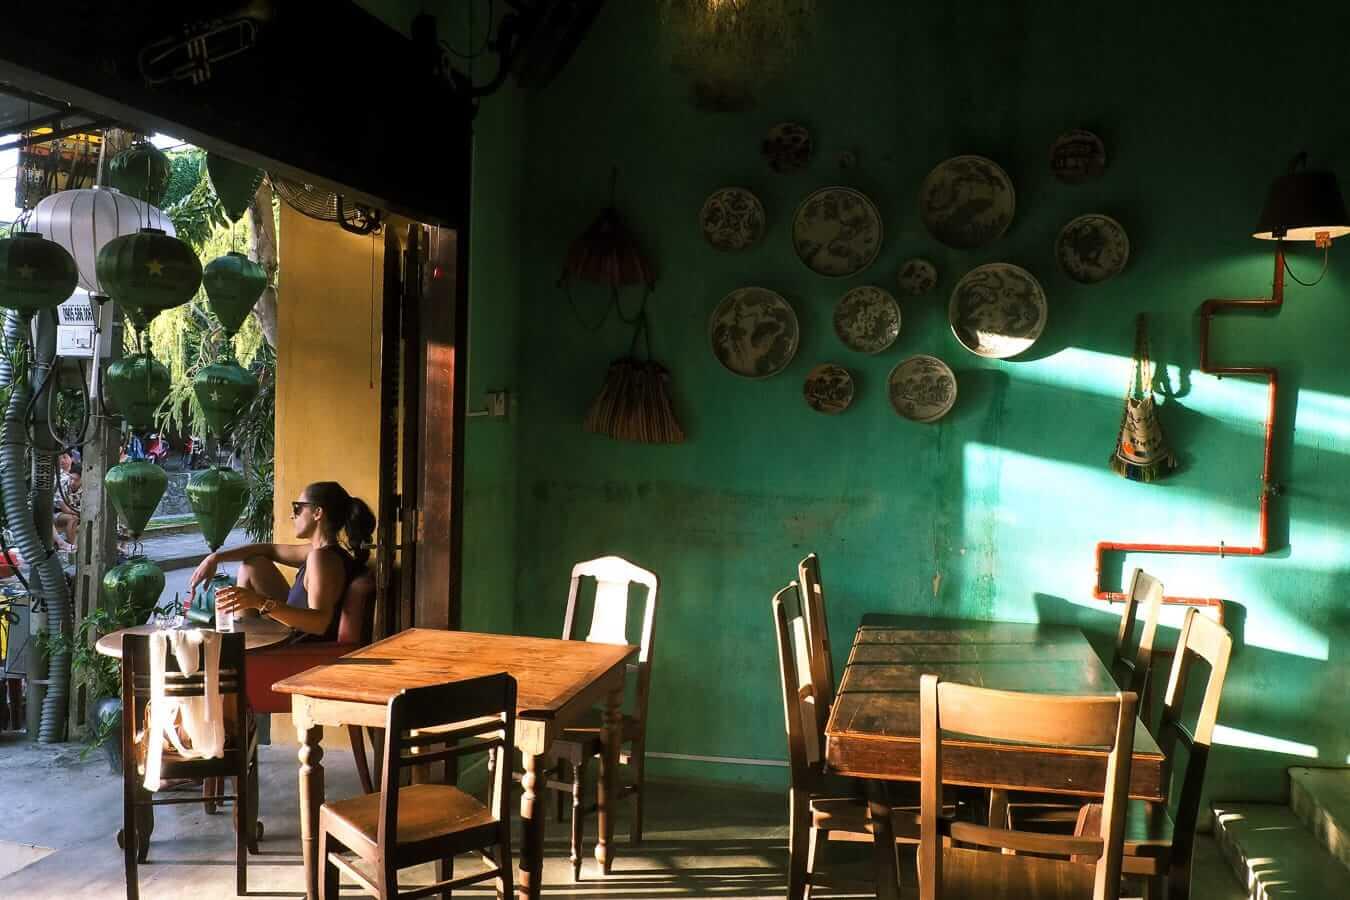 MIX Greek Restaurant: Western Hoi An Restaurants